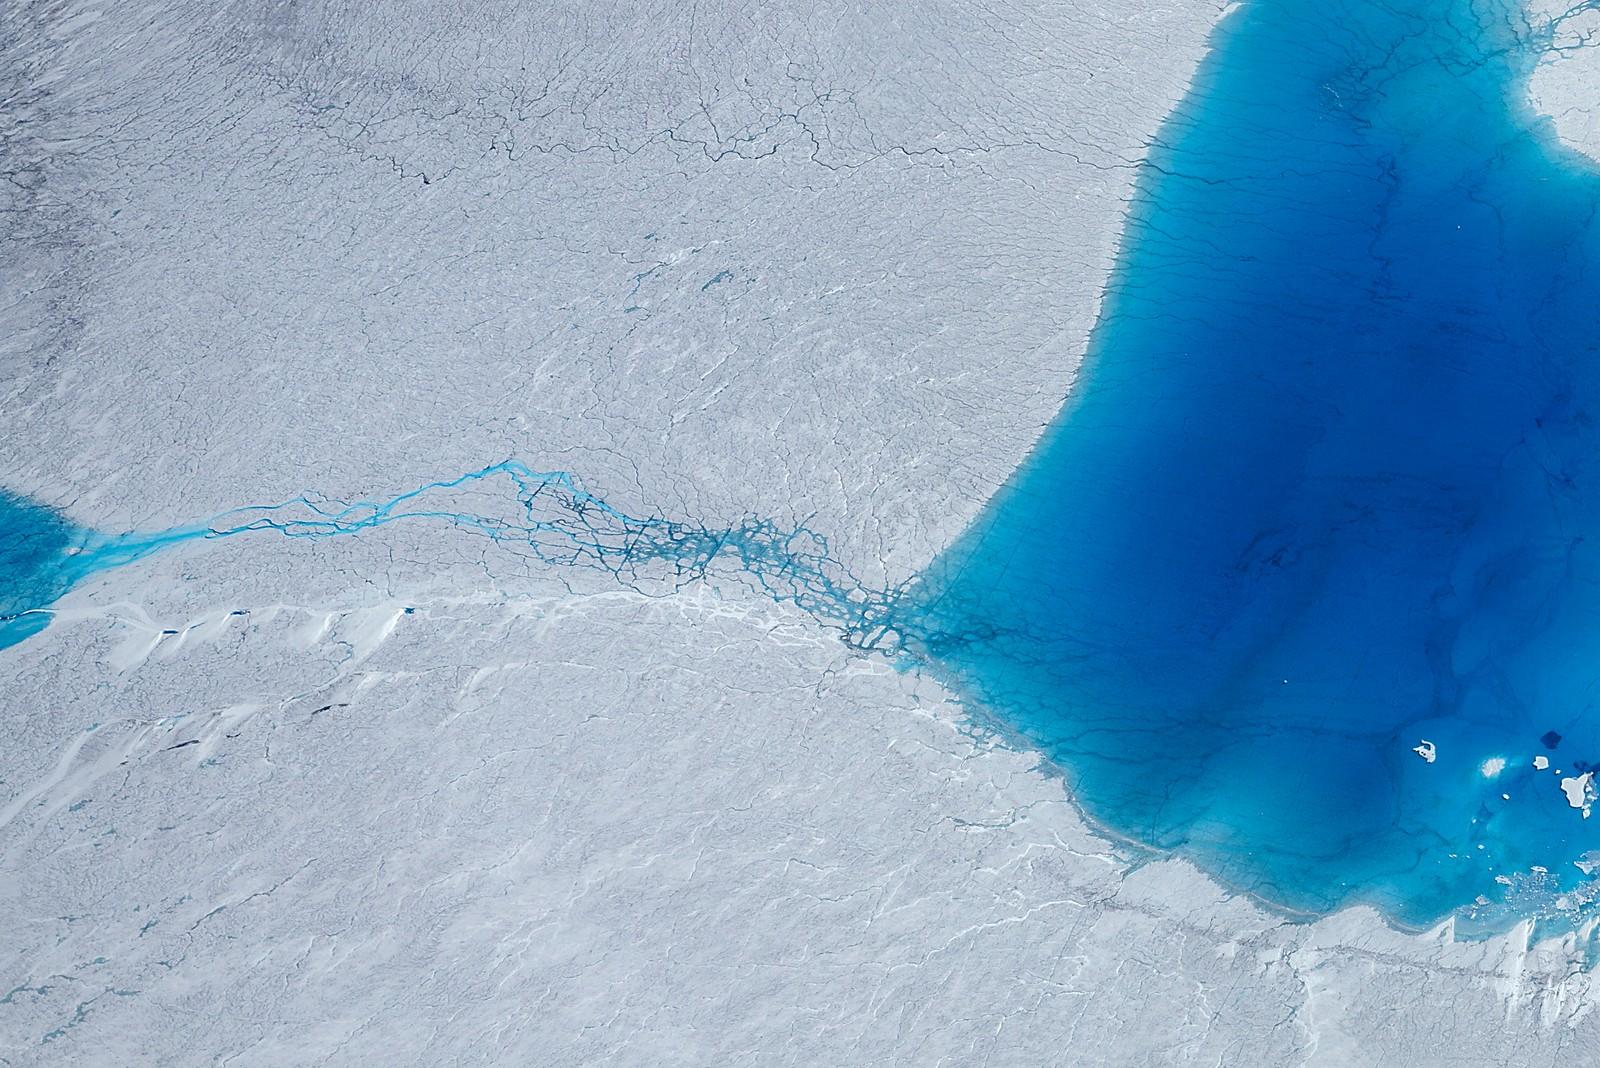 1. plass Klima og miljø: Linda Næsfeldt, Dagens Næringsliv.  Over frysepunktet: Ovenfra er Grønlandsisen et imponerende syn, men klimaendringer er ikke vakkert. Det bare ser sånn ut. 2016 var et unormalt varmt år og tempraturen steg raskest i Arktis. Issmeltingen på Grønland og i resten av Arktis er blitt selve symbolet på at noe er alvorlig galt med klimaet på kloden.